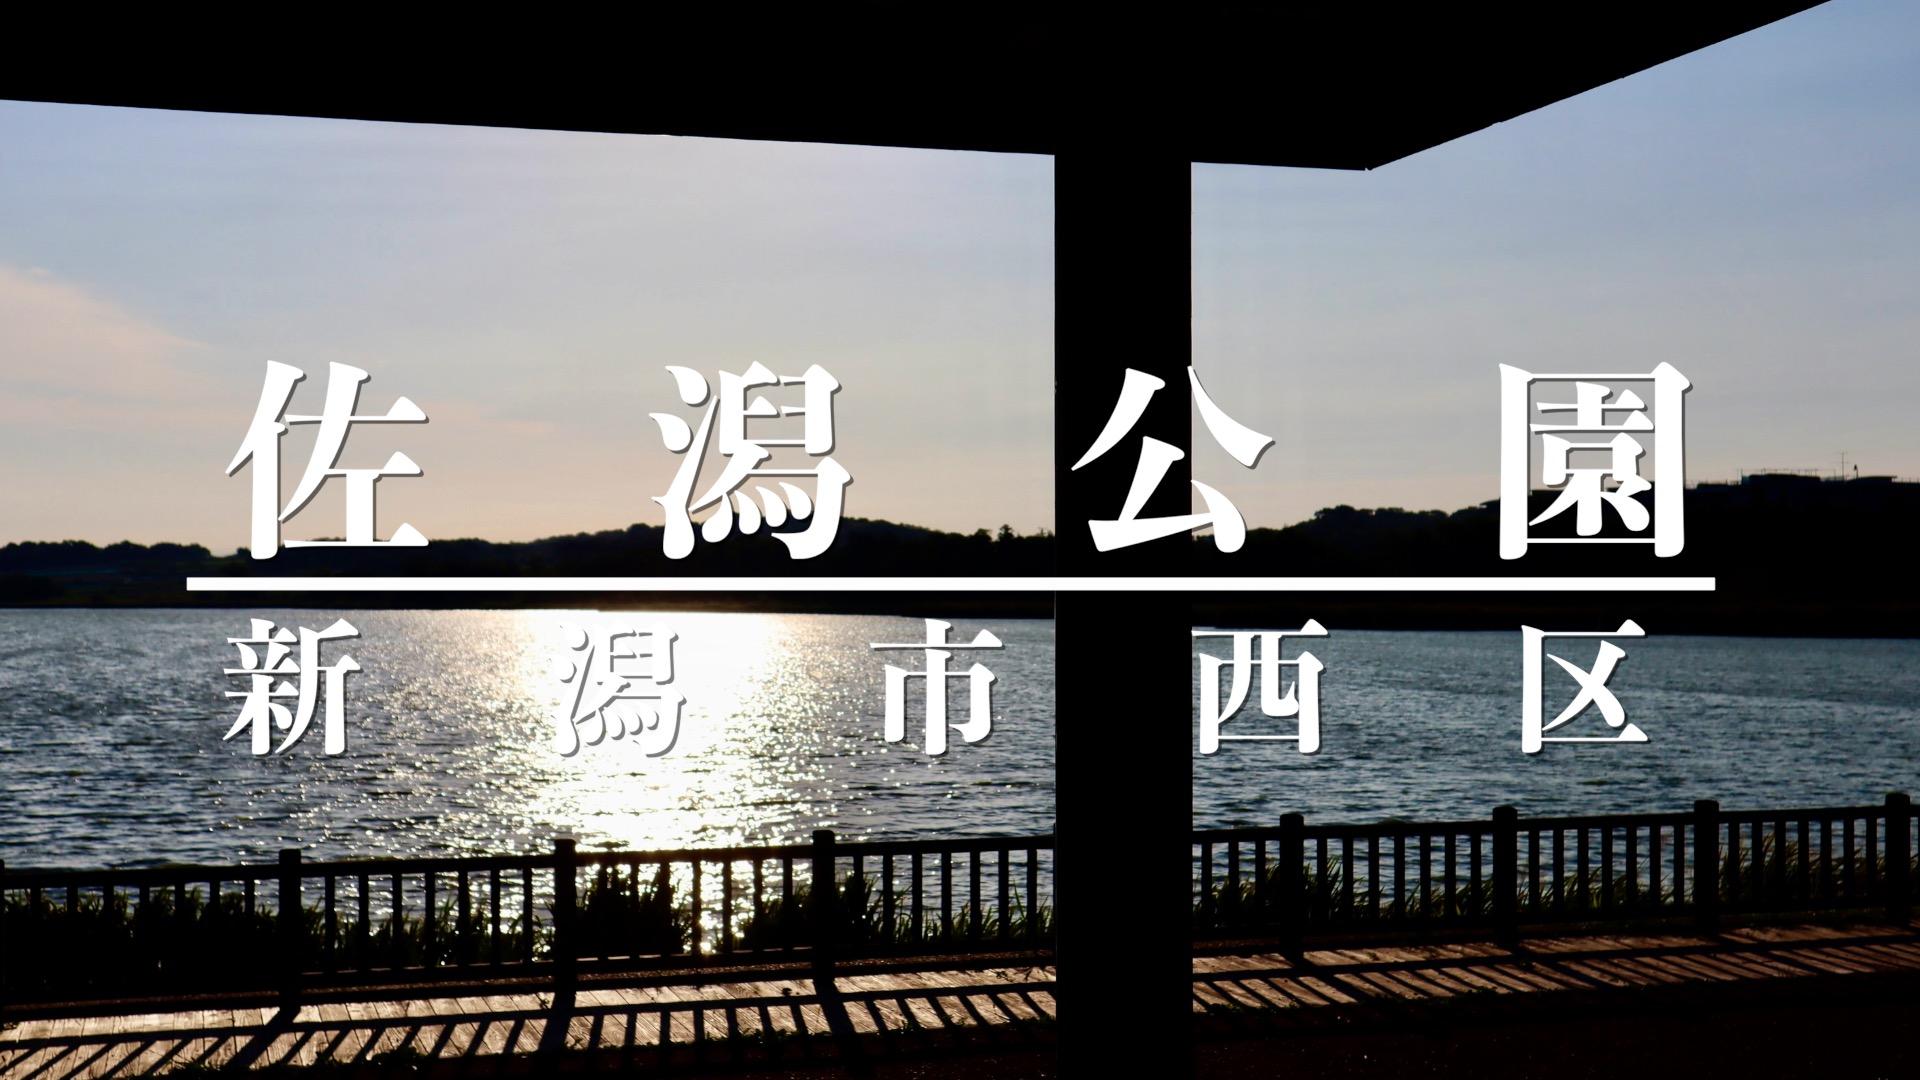 佐潟公園のアイキャッチ画像